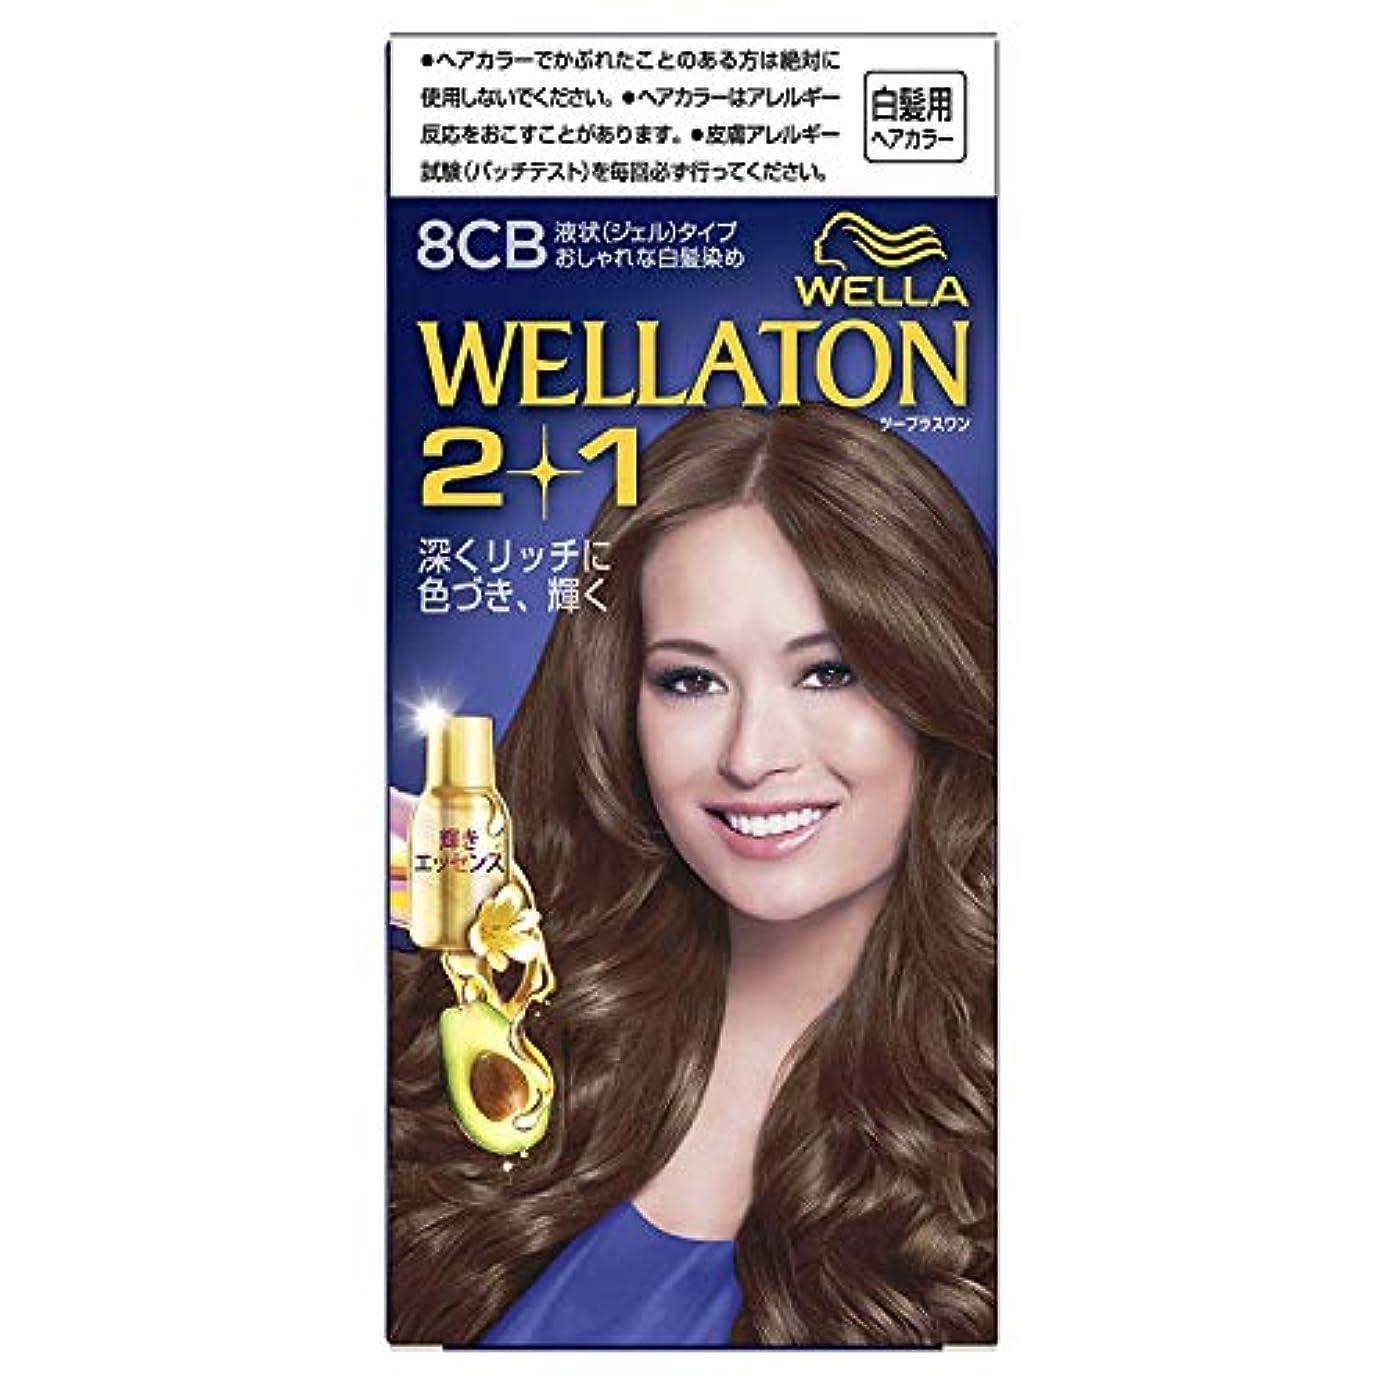 違法取り除く番号ウエラトーン2+1 白髪染め 液状タイプ 8CB [医薬部外品] ×6個